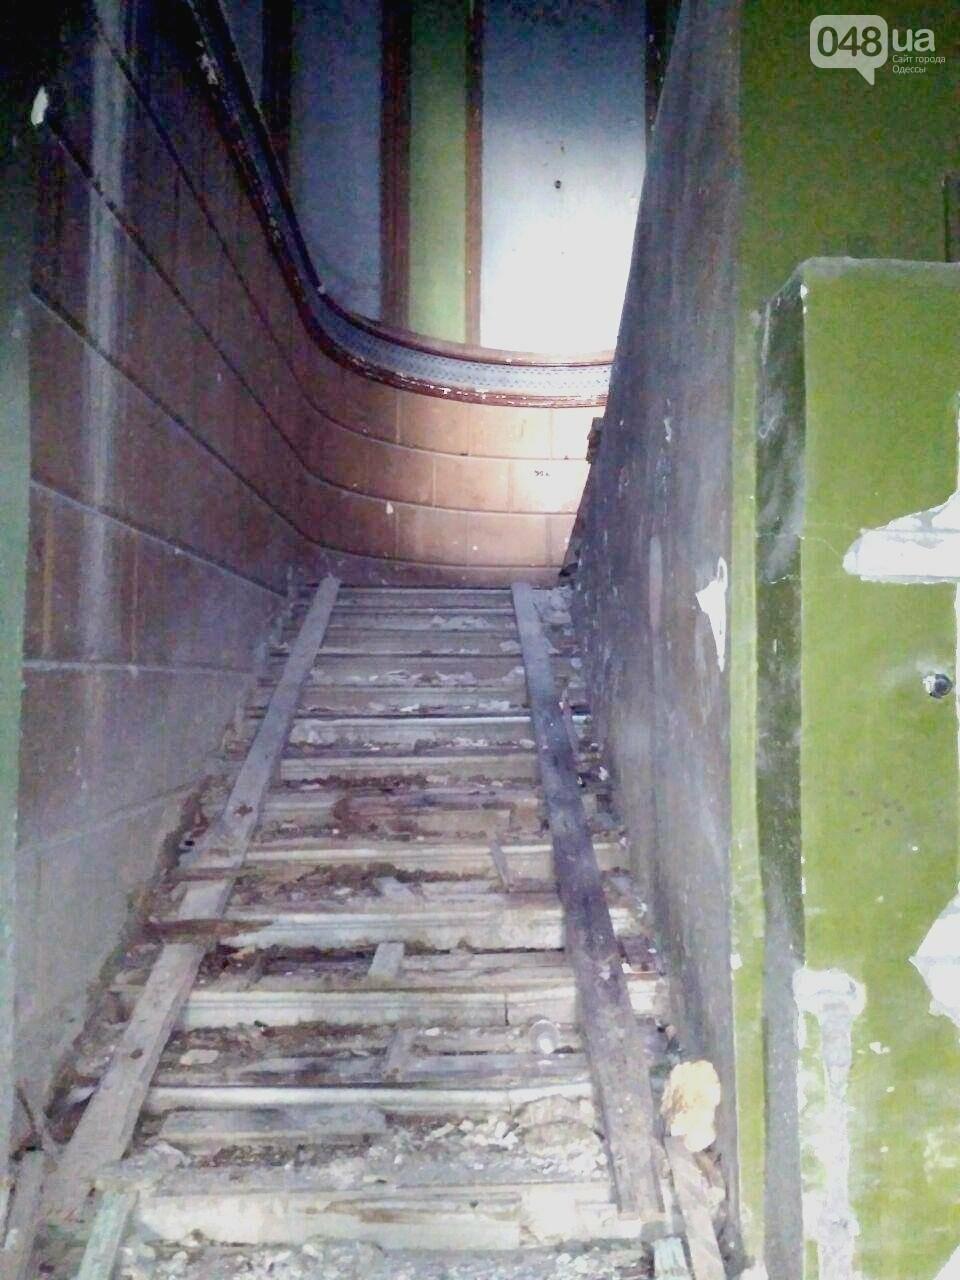 Поймать привидение или провалиться в подземелье: Одесский Дом Гоголя изнутри (ФОТО), фото-22